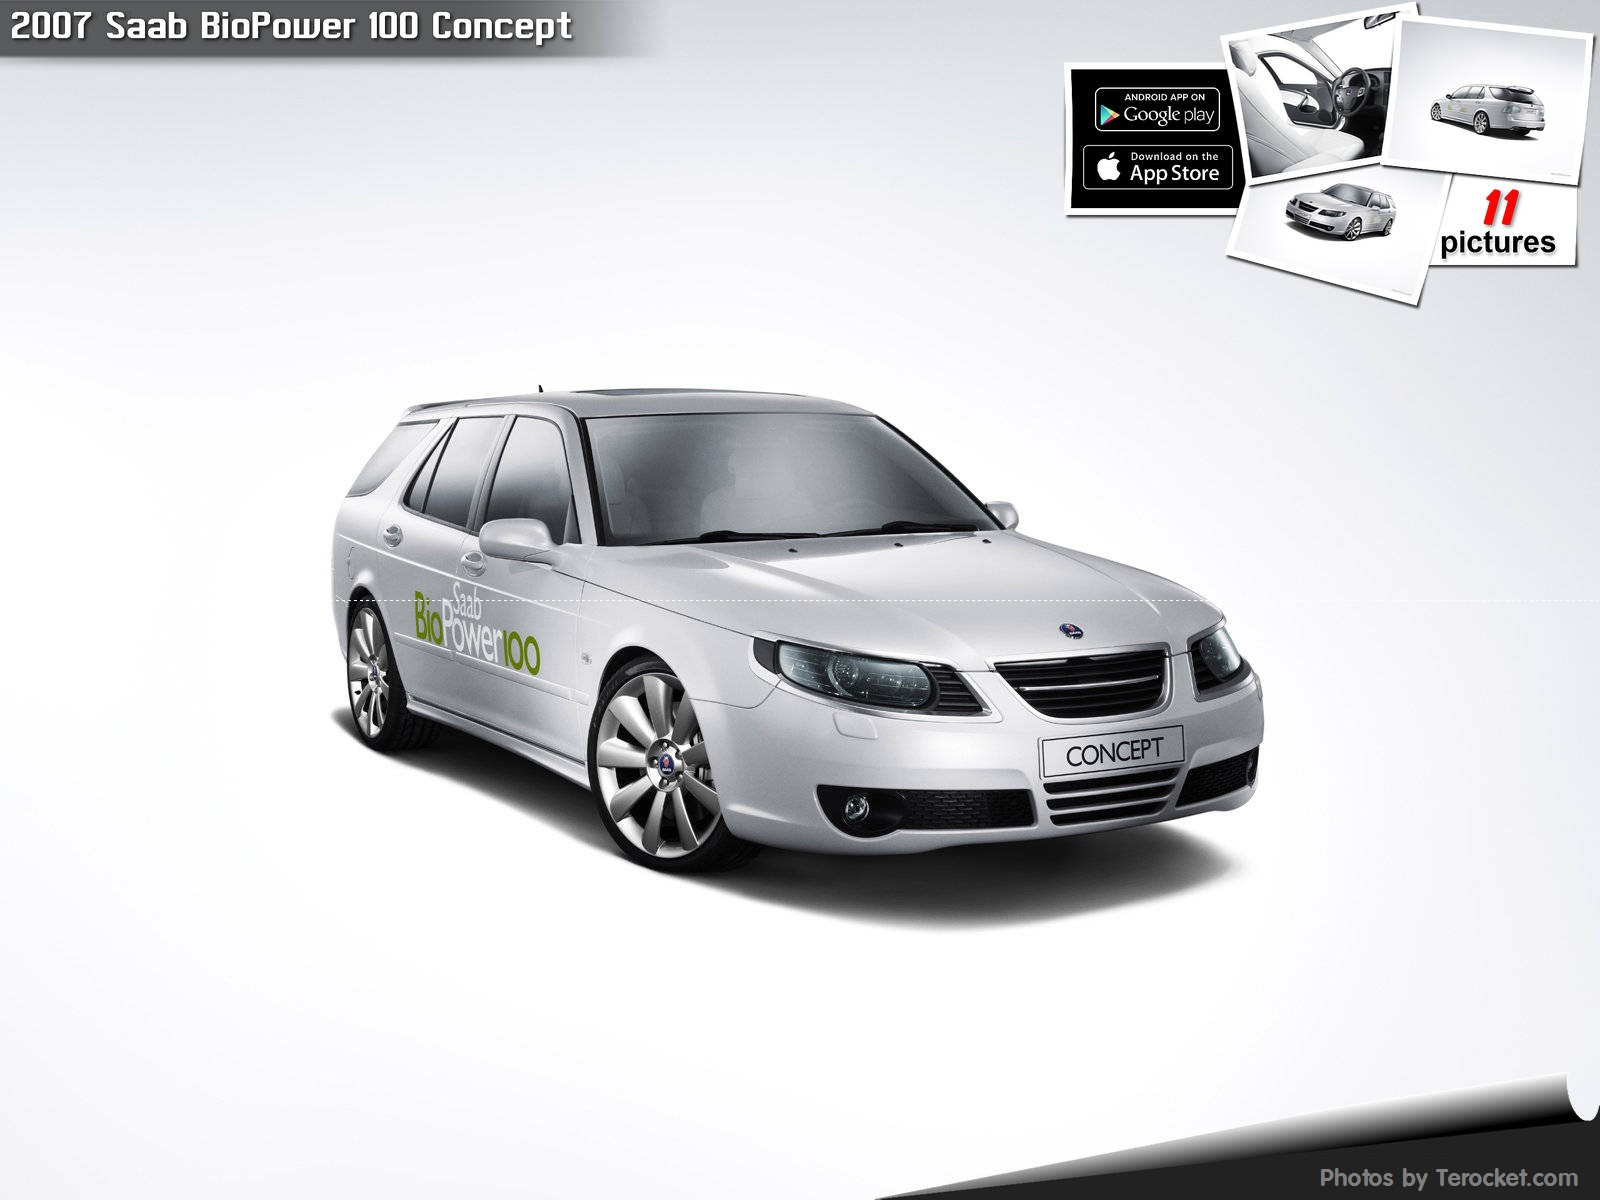 Hình ảnh xe ô tô Saab BioPower 100 Concept 2007 & nội ngoại thất